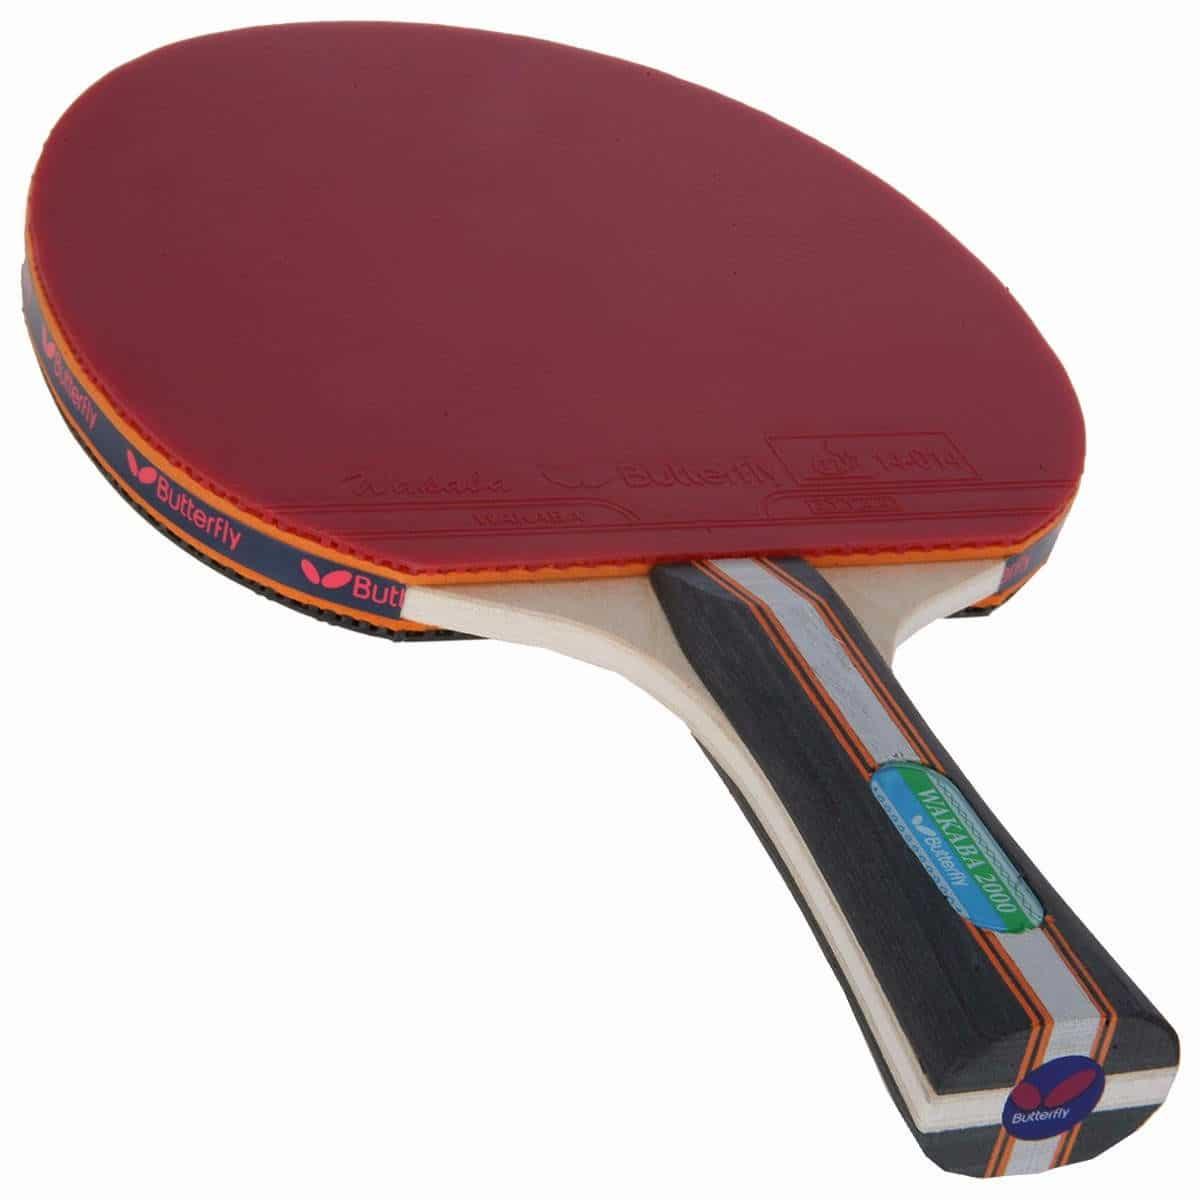 Reglas-del-tenis-de-mesa-6